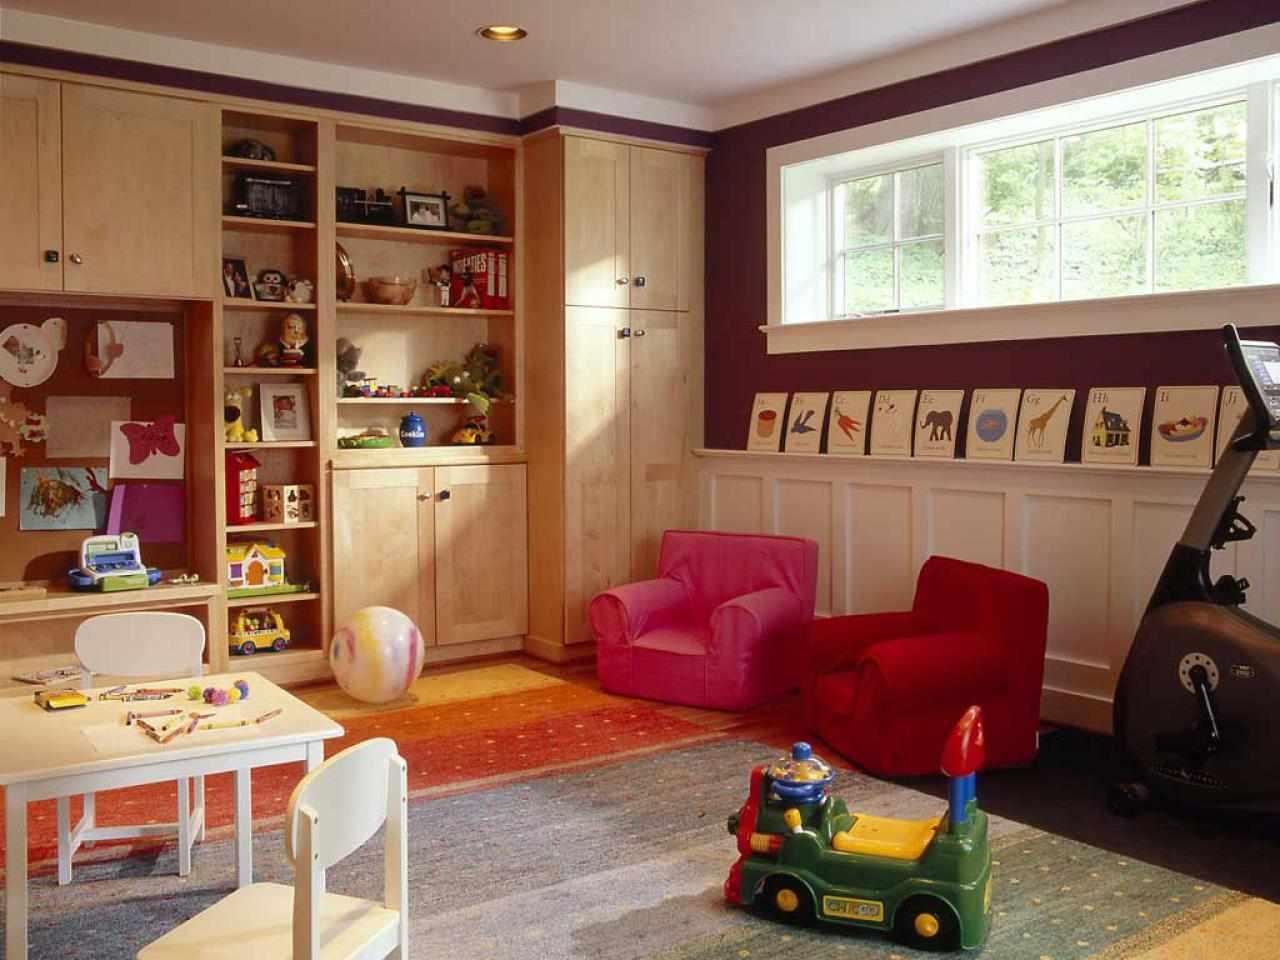 Два красных кресла в детской комнате